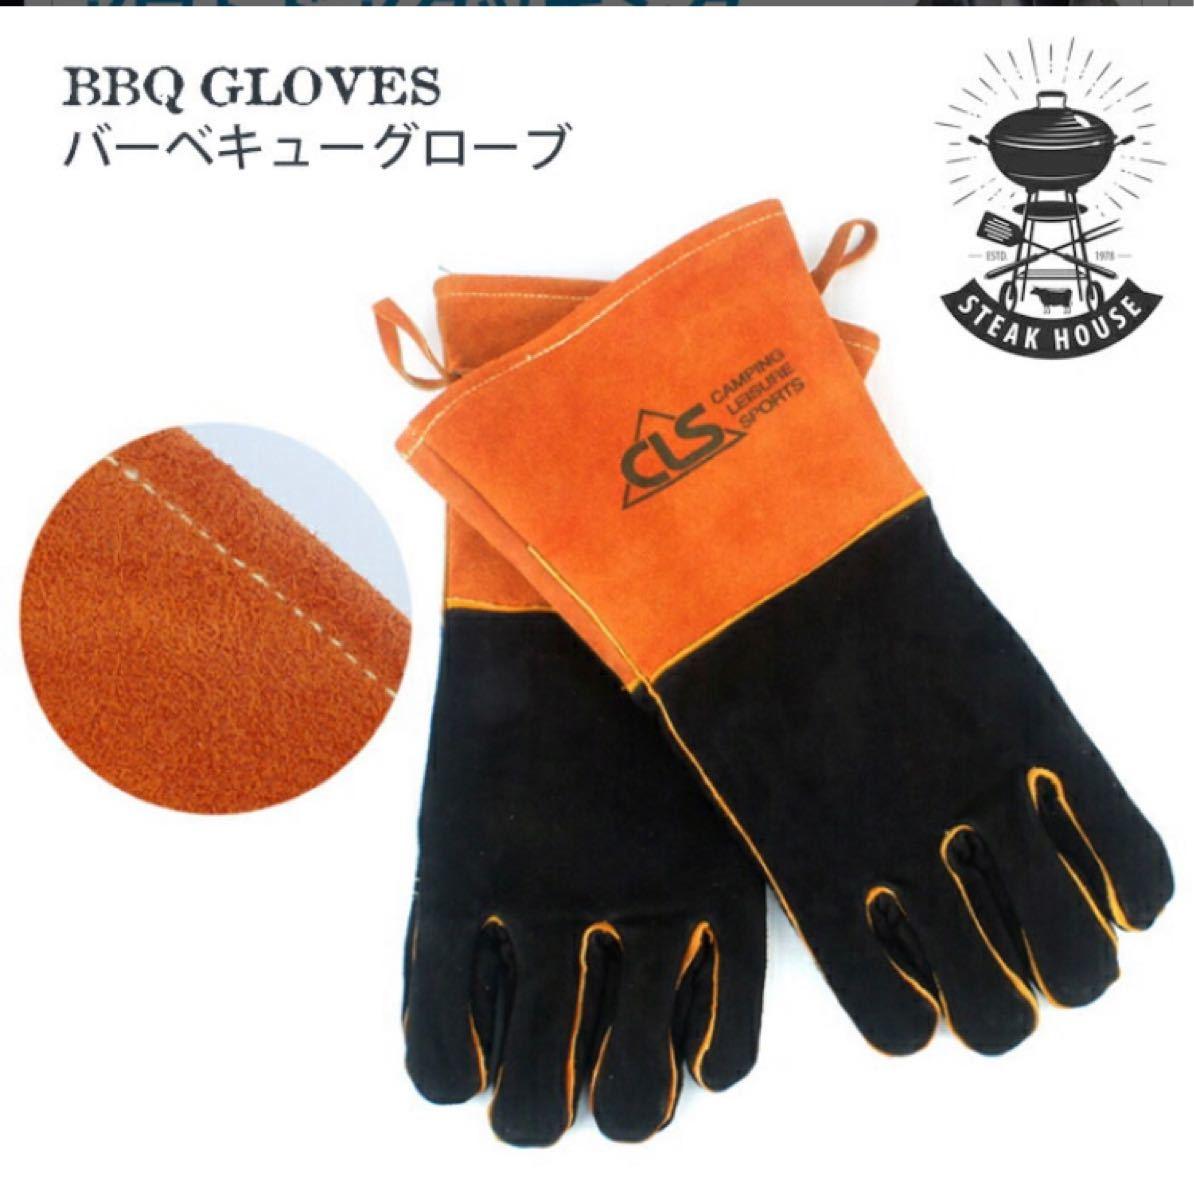 耐熱グローブ 手袋 キャンプグローブ 牛革 BBQ 耐熱グローブ アウトドア用耐熱グローブ 薪ストーブ